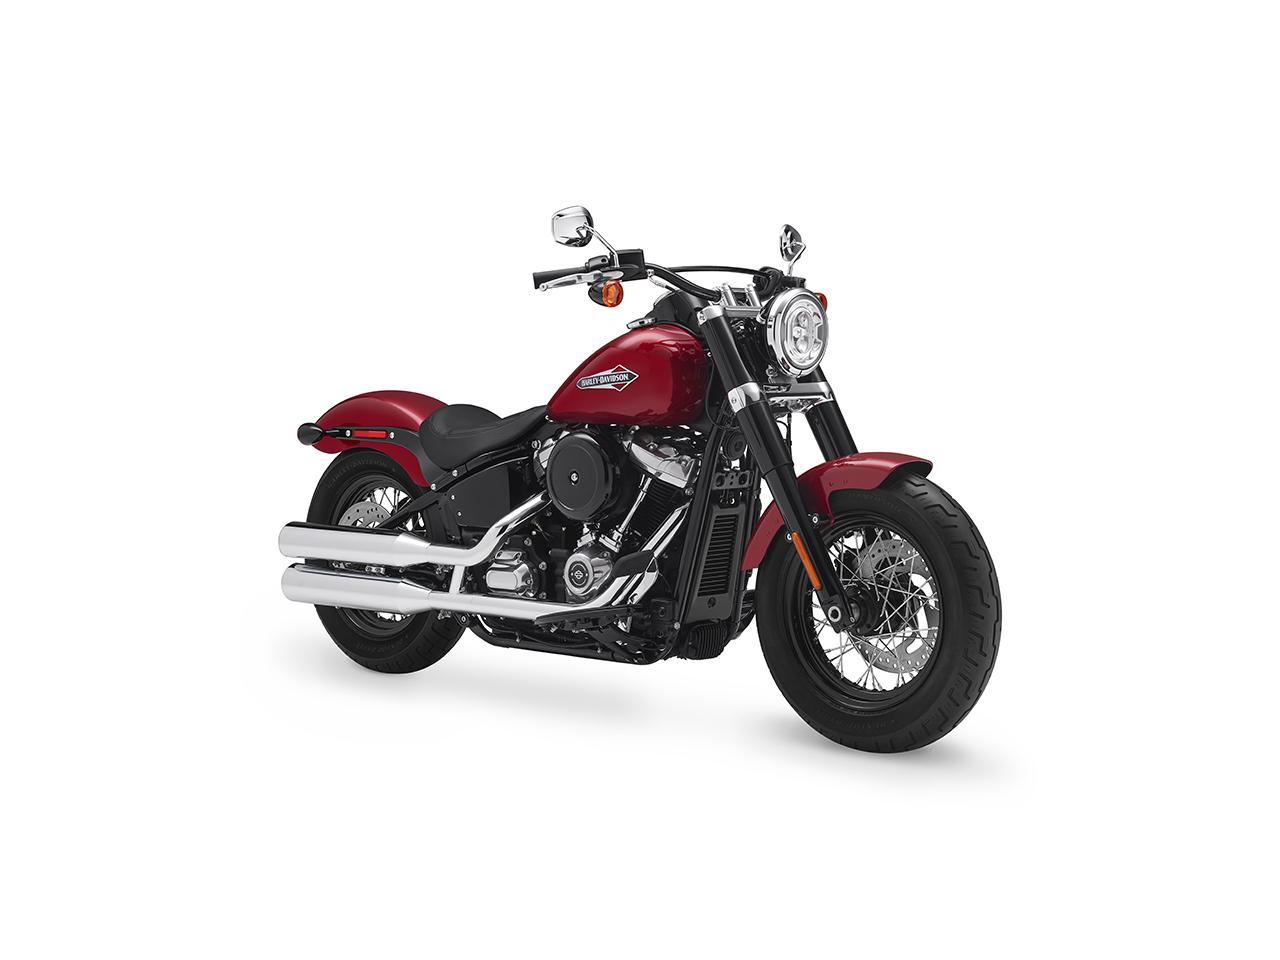 2018 Harley-Davidson Softail Slim Image